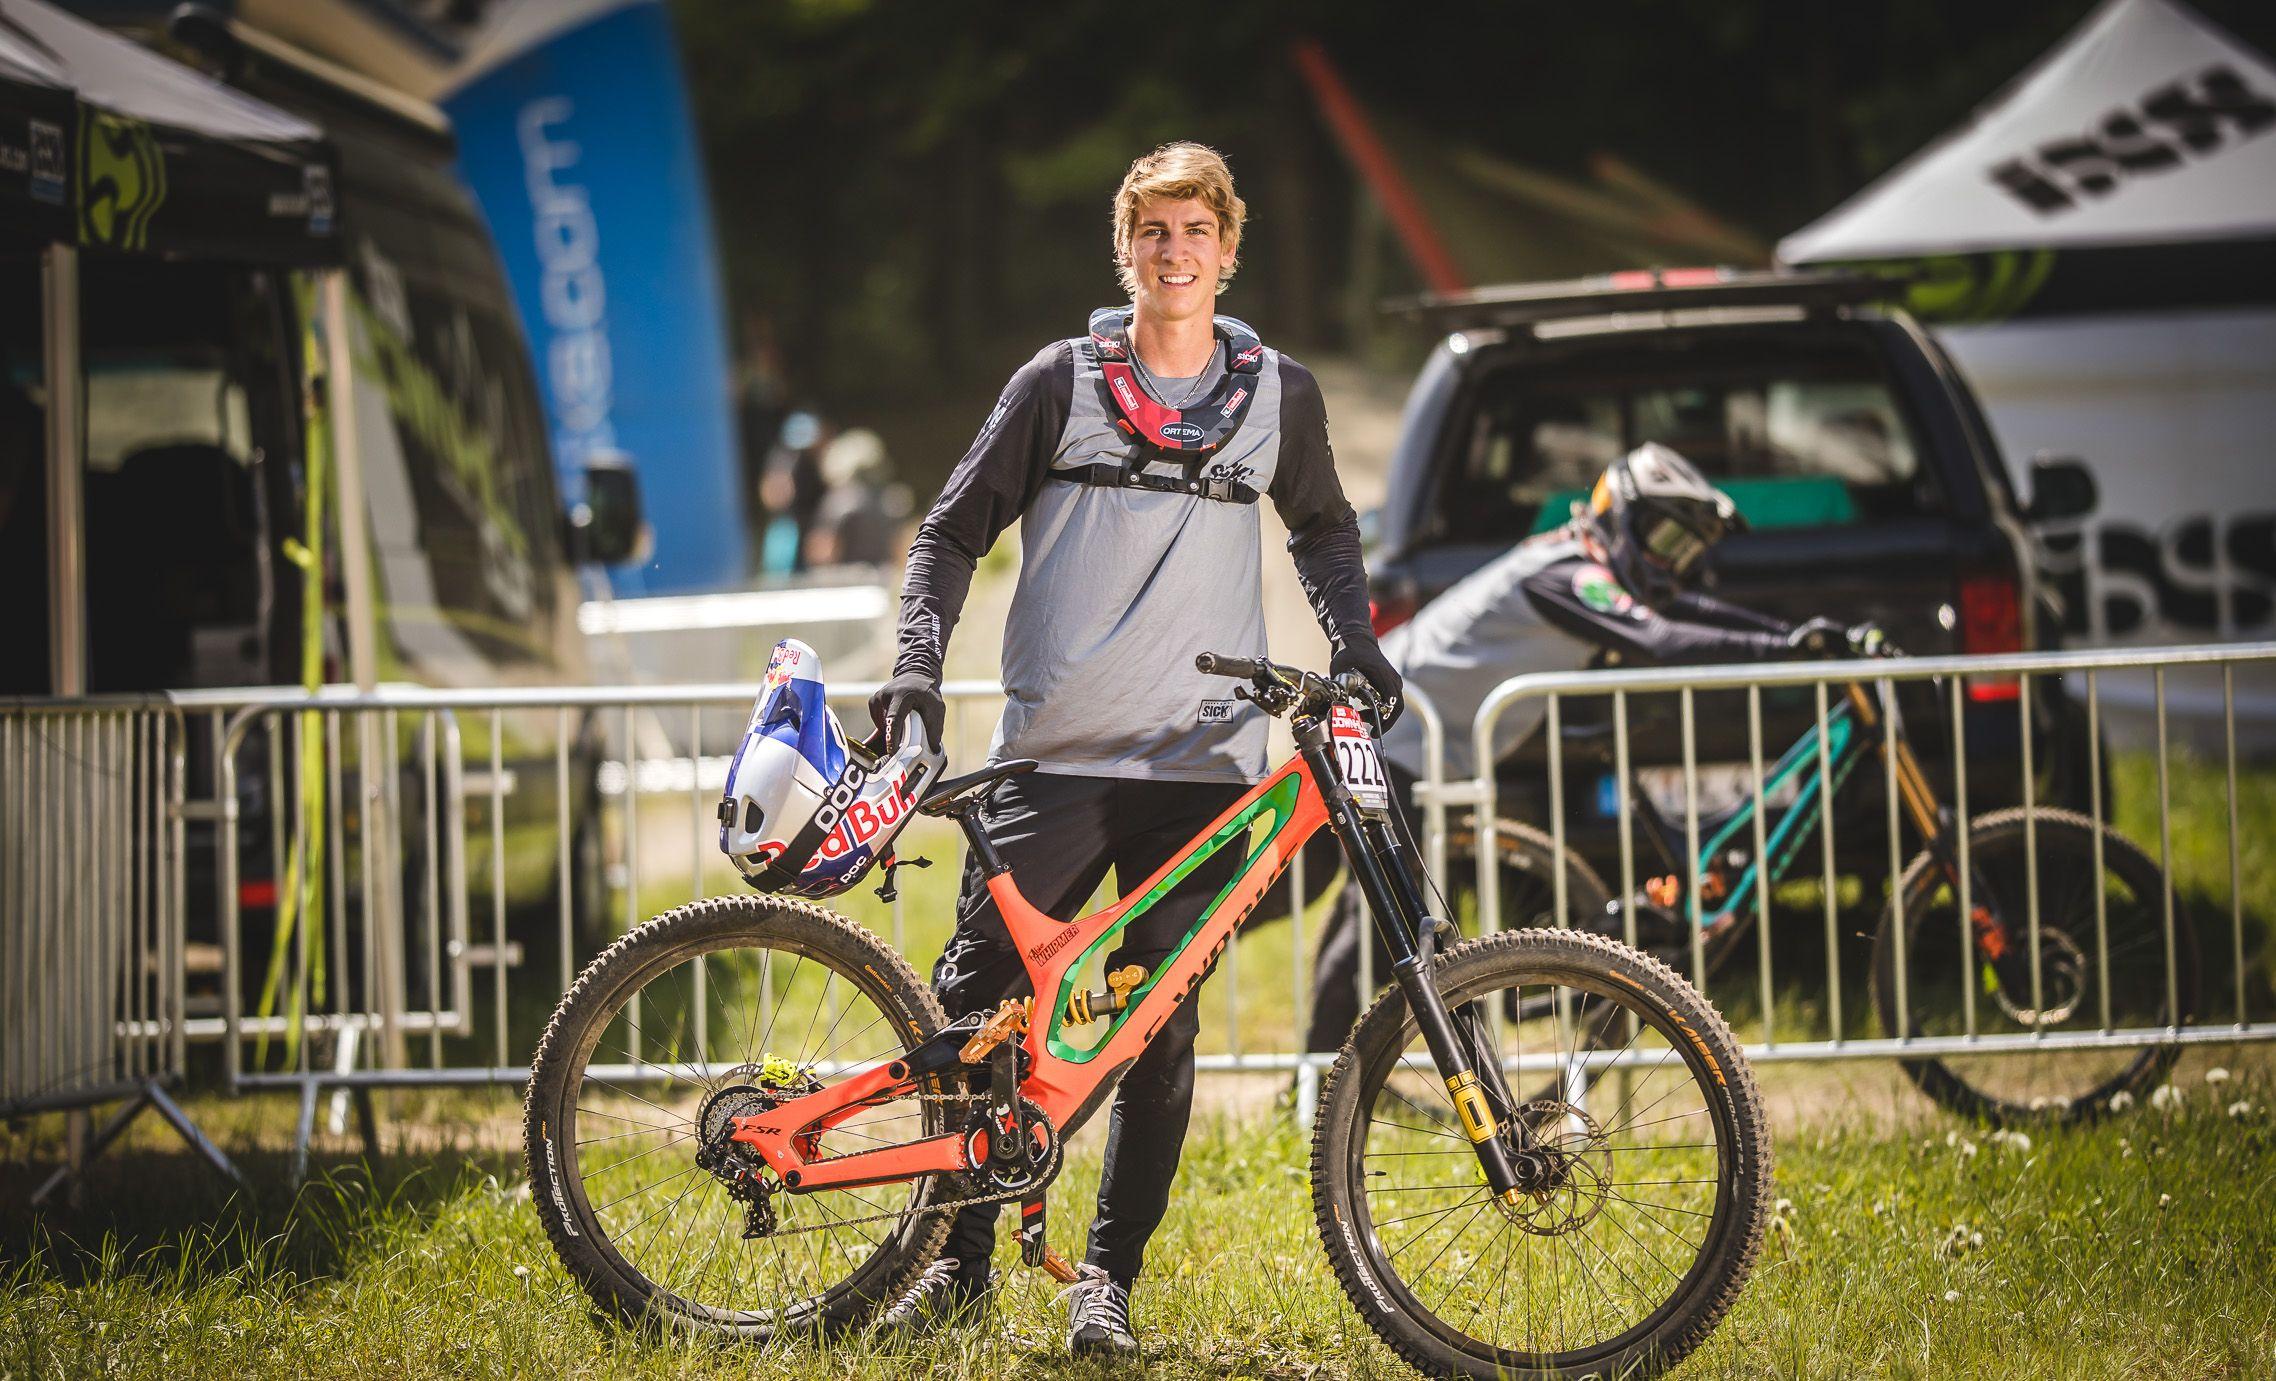 Neuer Sponsor Fabio Wibmer Verabschiedet Sich Von Specialized Enduro Fahrrad Mountainbike Rennrad